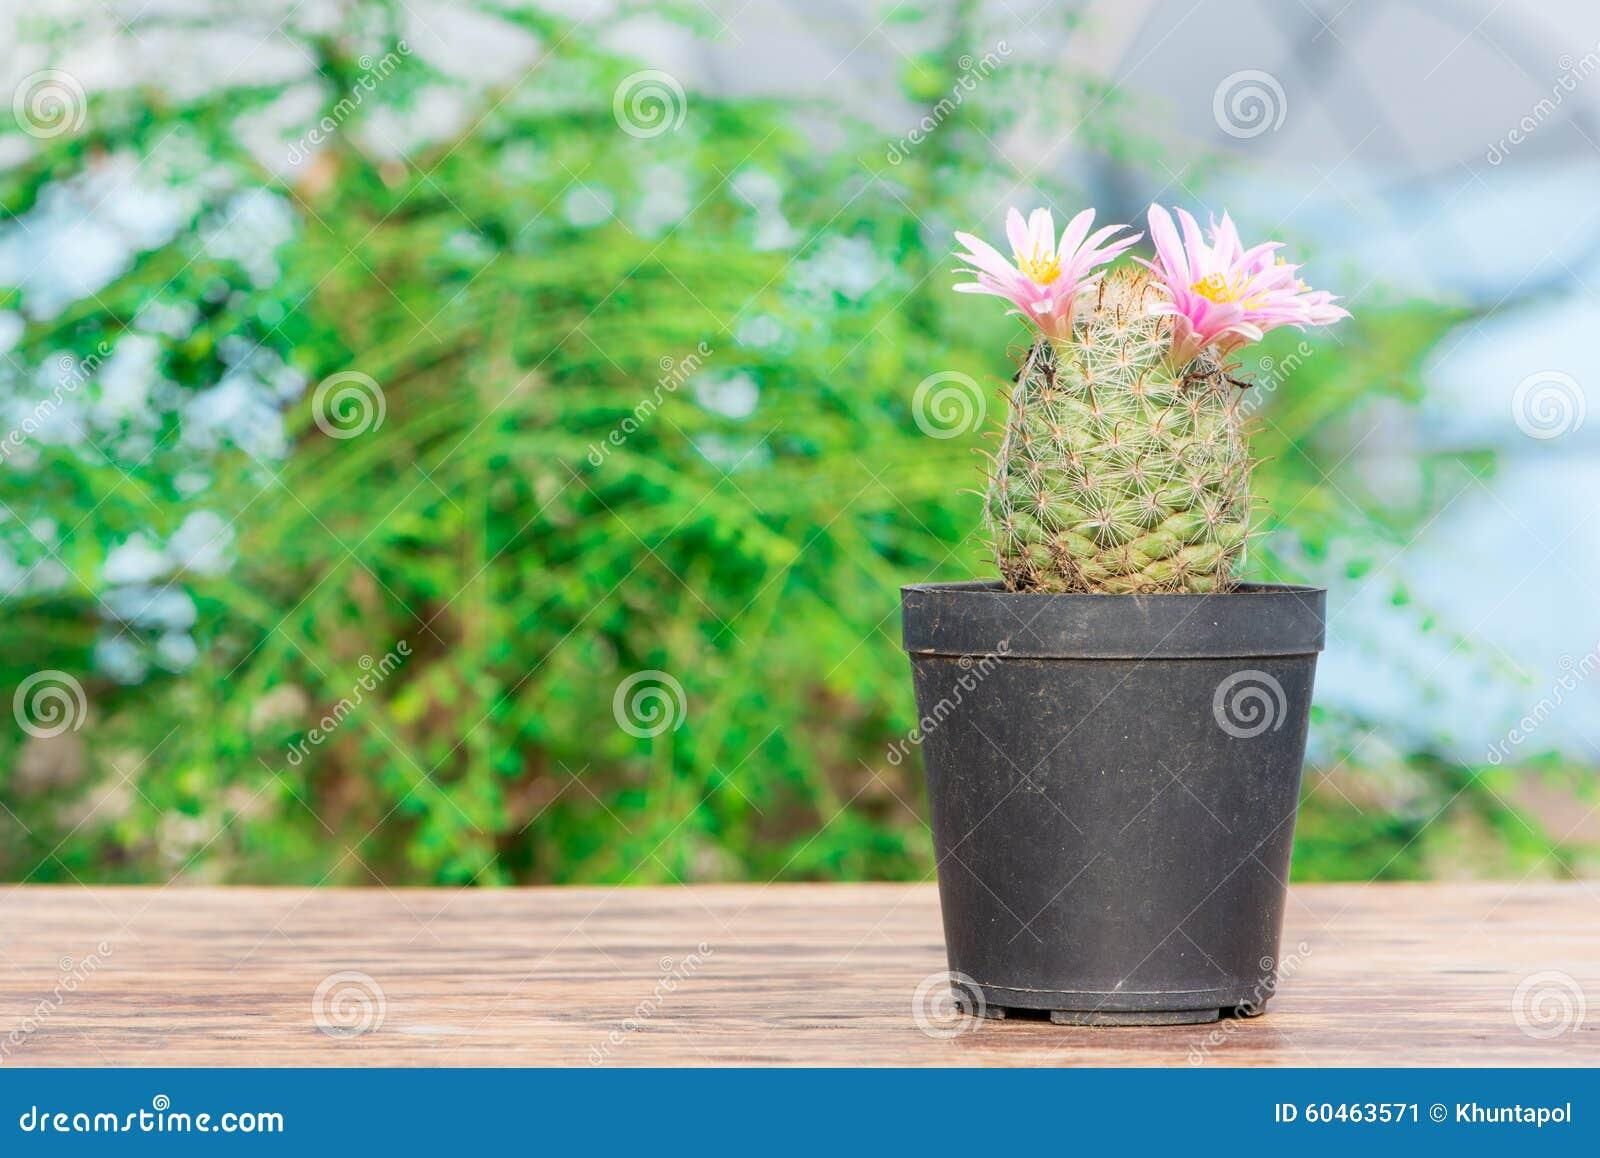 Cactus Avec La Fleur Rose Dans Le Pot De Fleur Sur La Table En Bois